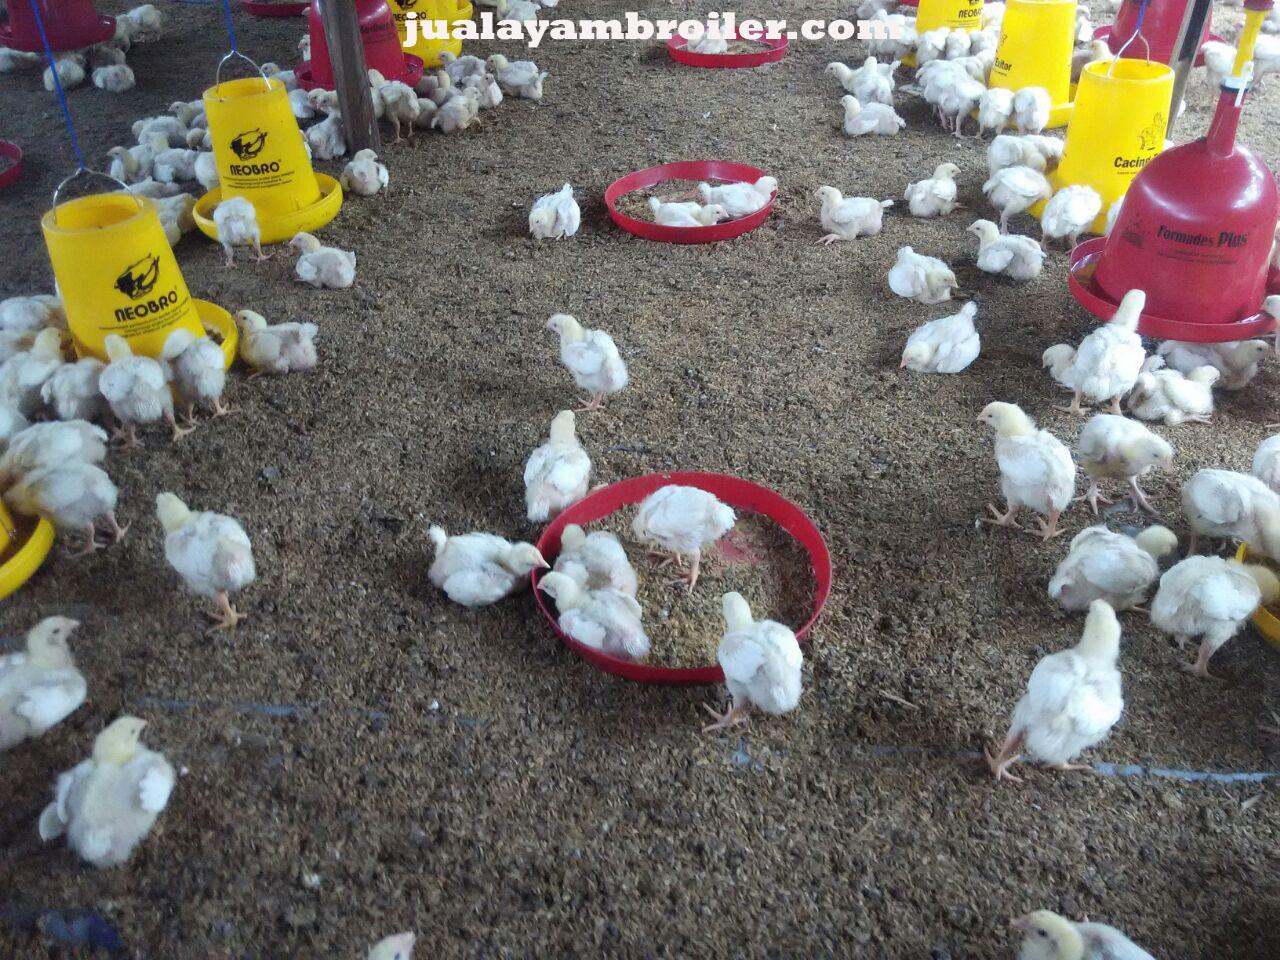 Jual Ayam Broiler Aren Jaya